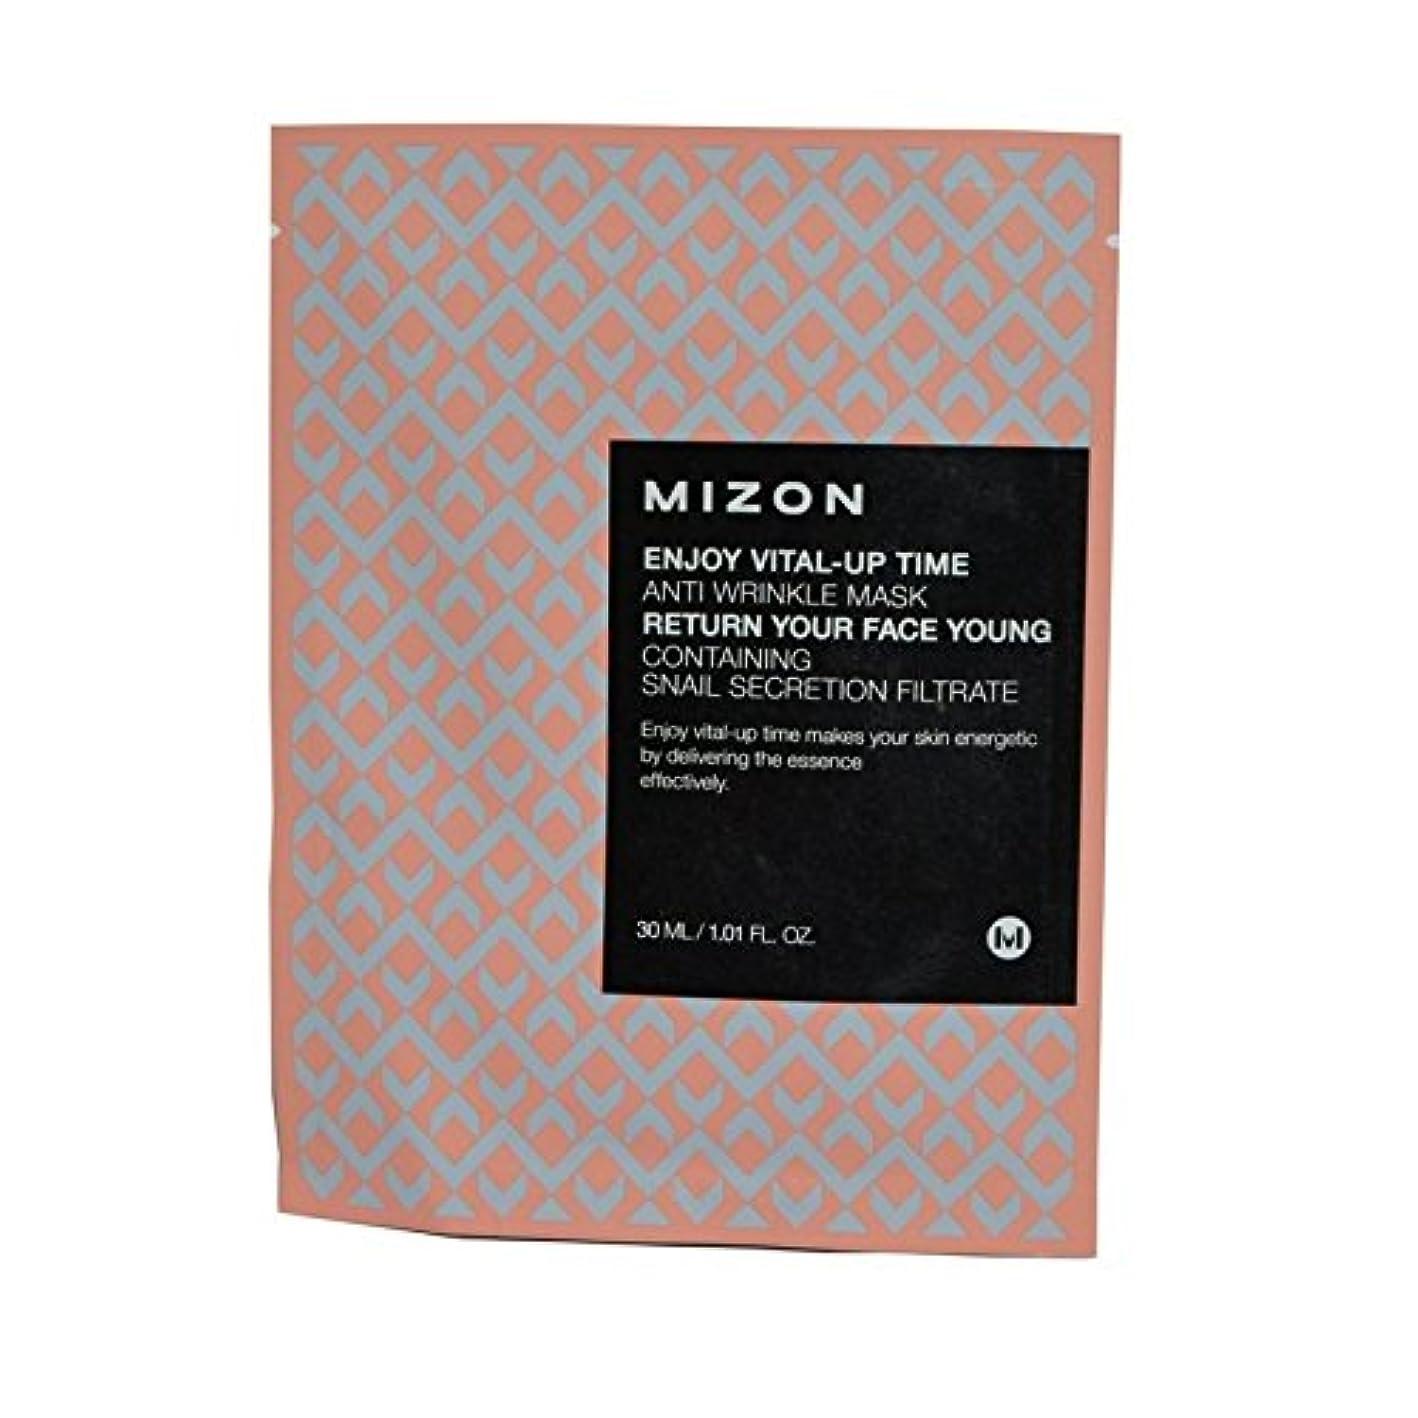 が不可欠アップ時間抗しわマスクを楽しみます x2 - Mizon Enjoy Vital Up Time Anti-Wrinkle Mask (Pack of 2) [並行輸入品]